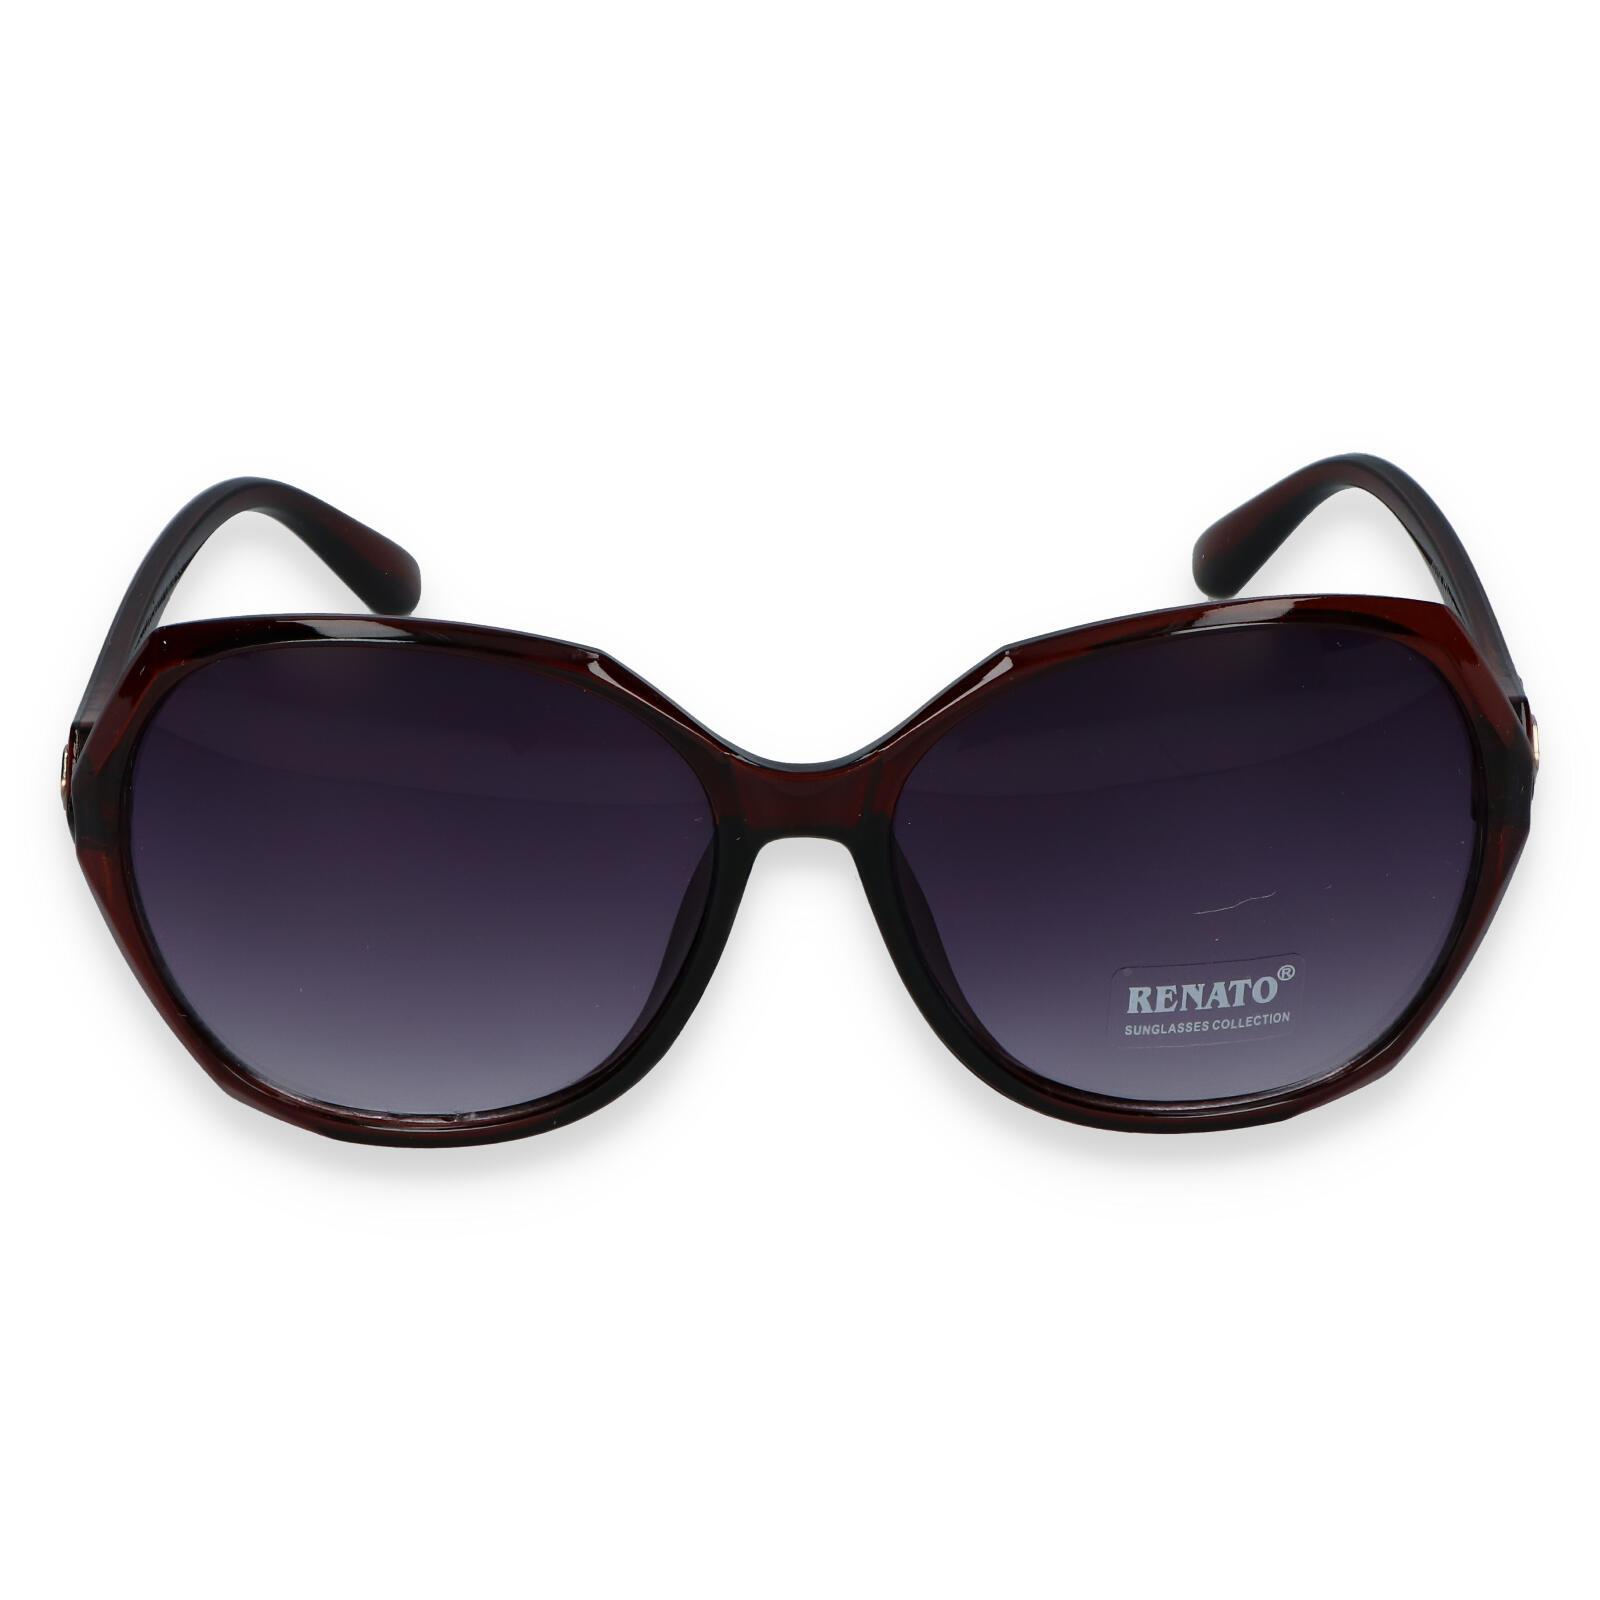 Dámské sluneční brýle tmavě hnědé - R613